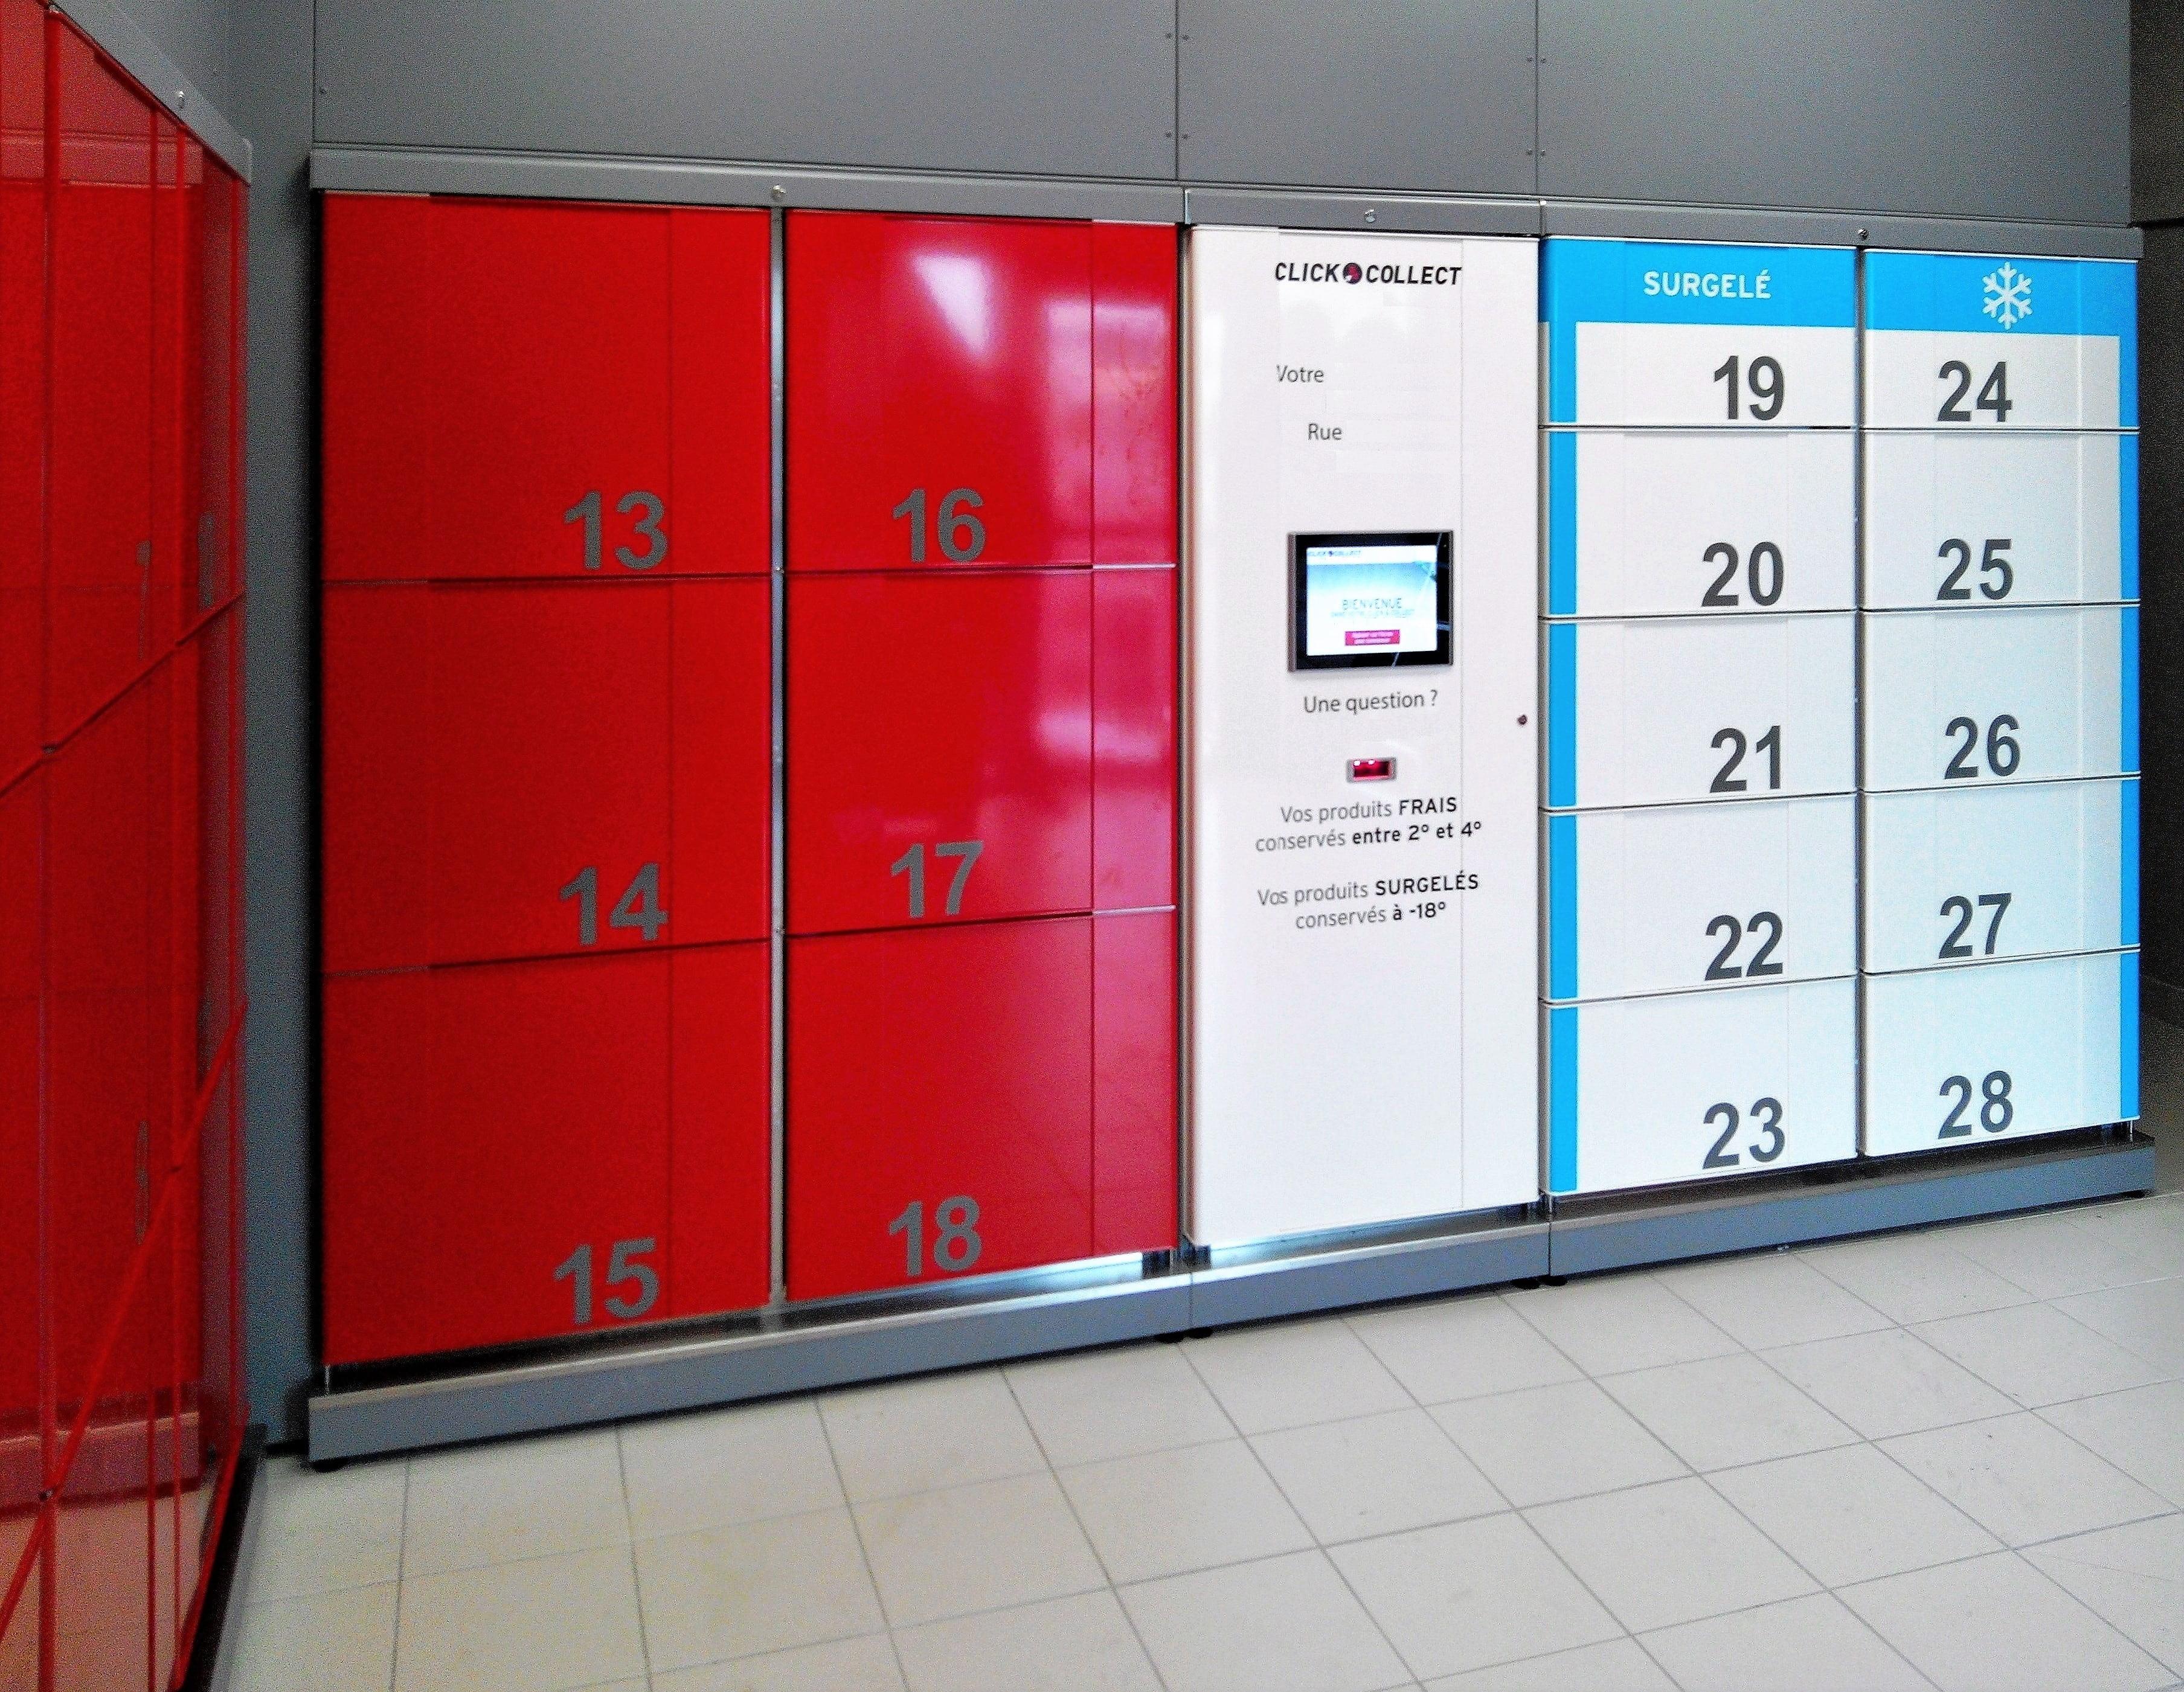 Taquillas refrigeradas – cool lockers. Estación de recogida de alimentos en el interior.